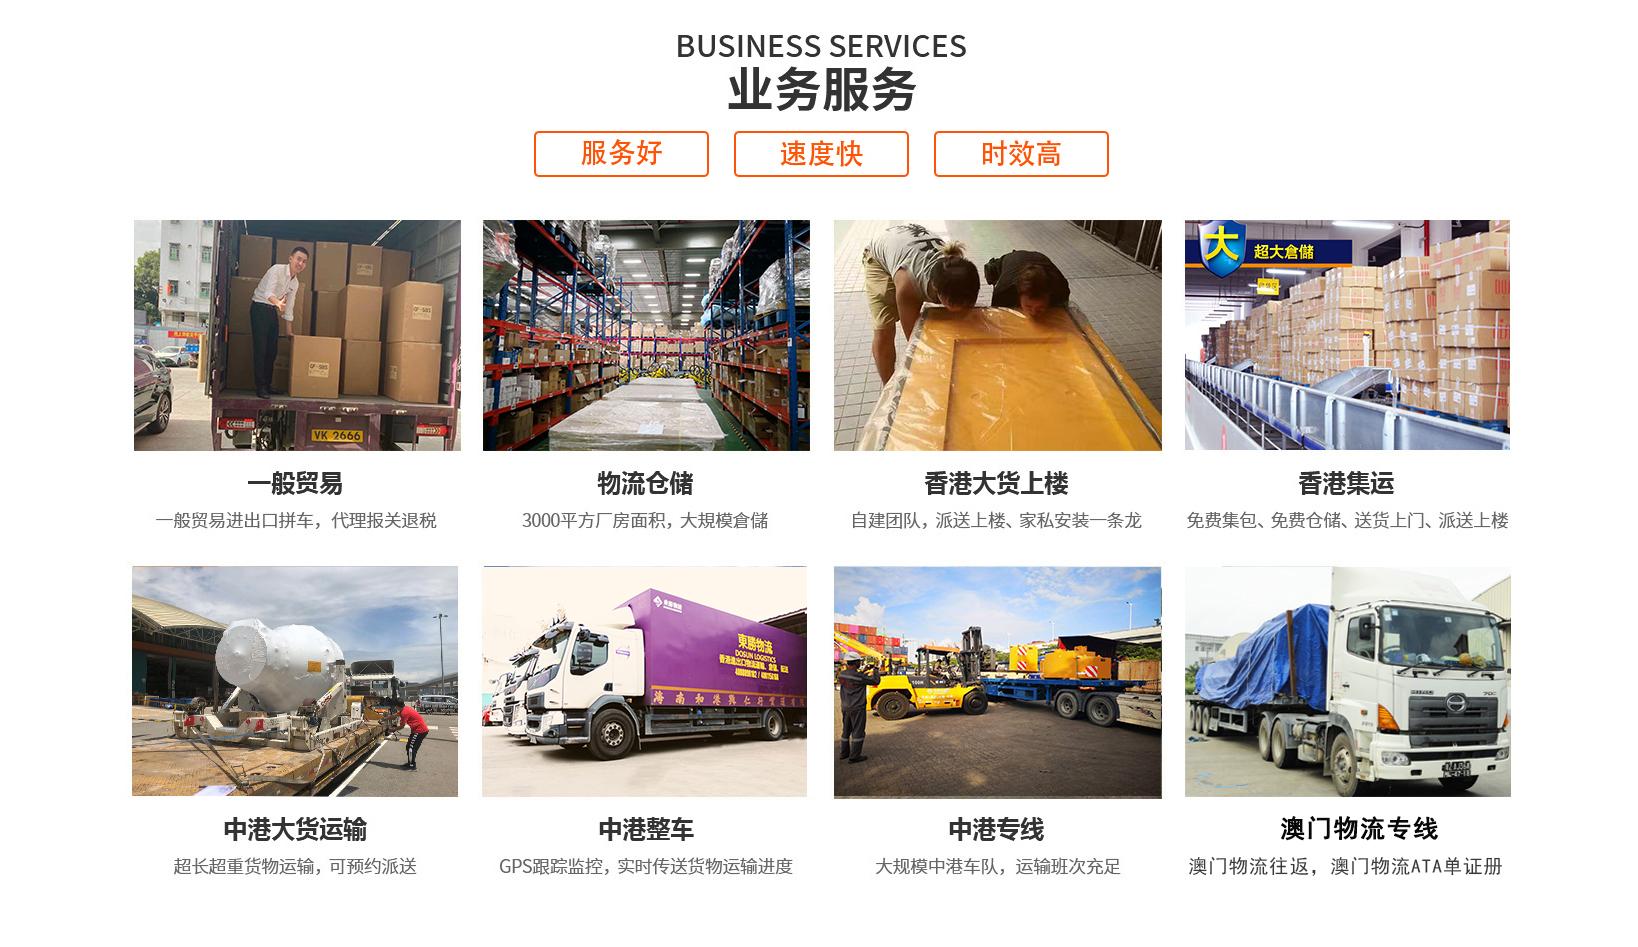 佛山到香港物流专线,东胜物流服务项目